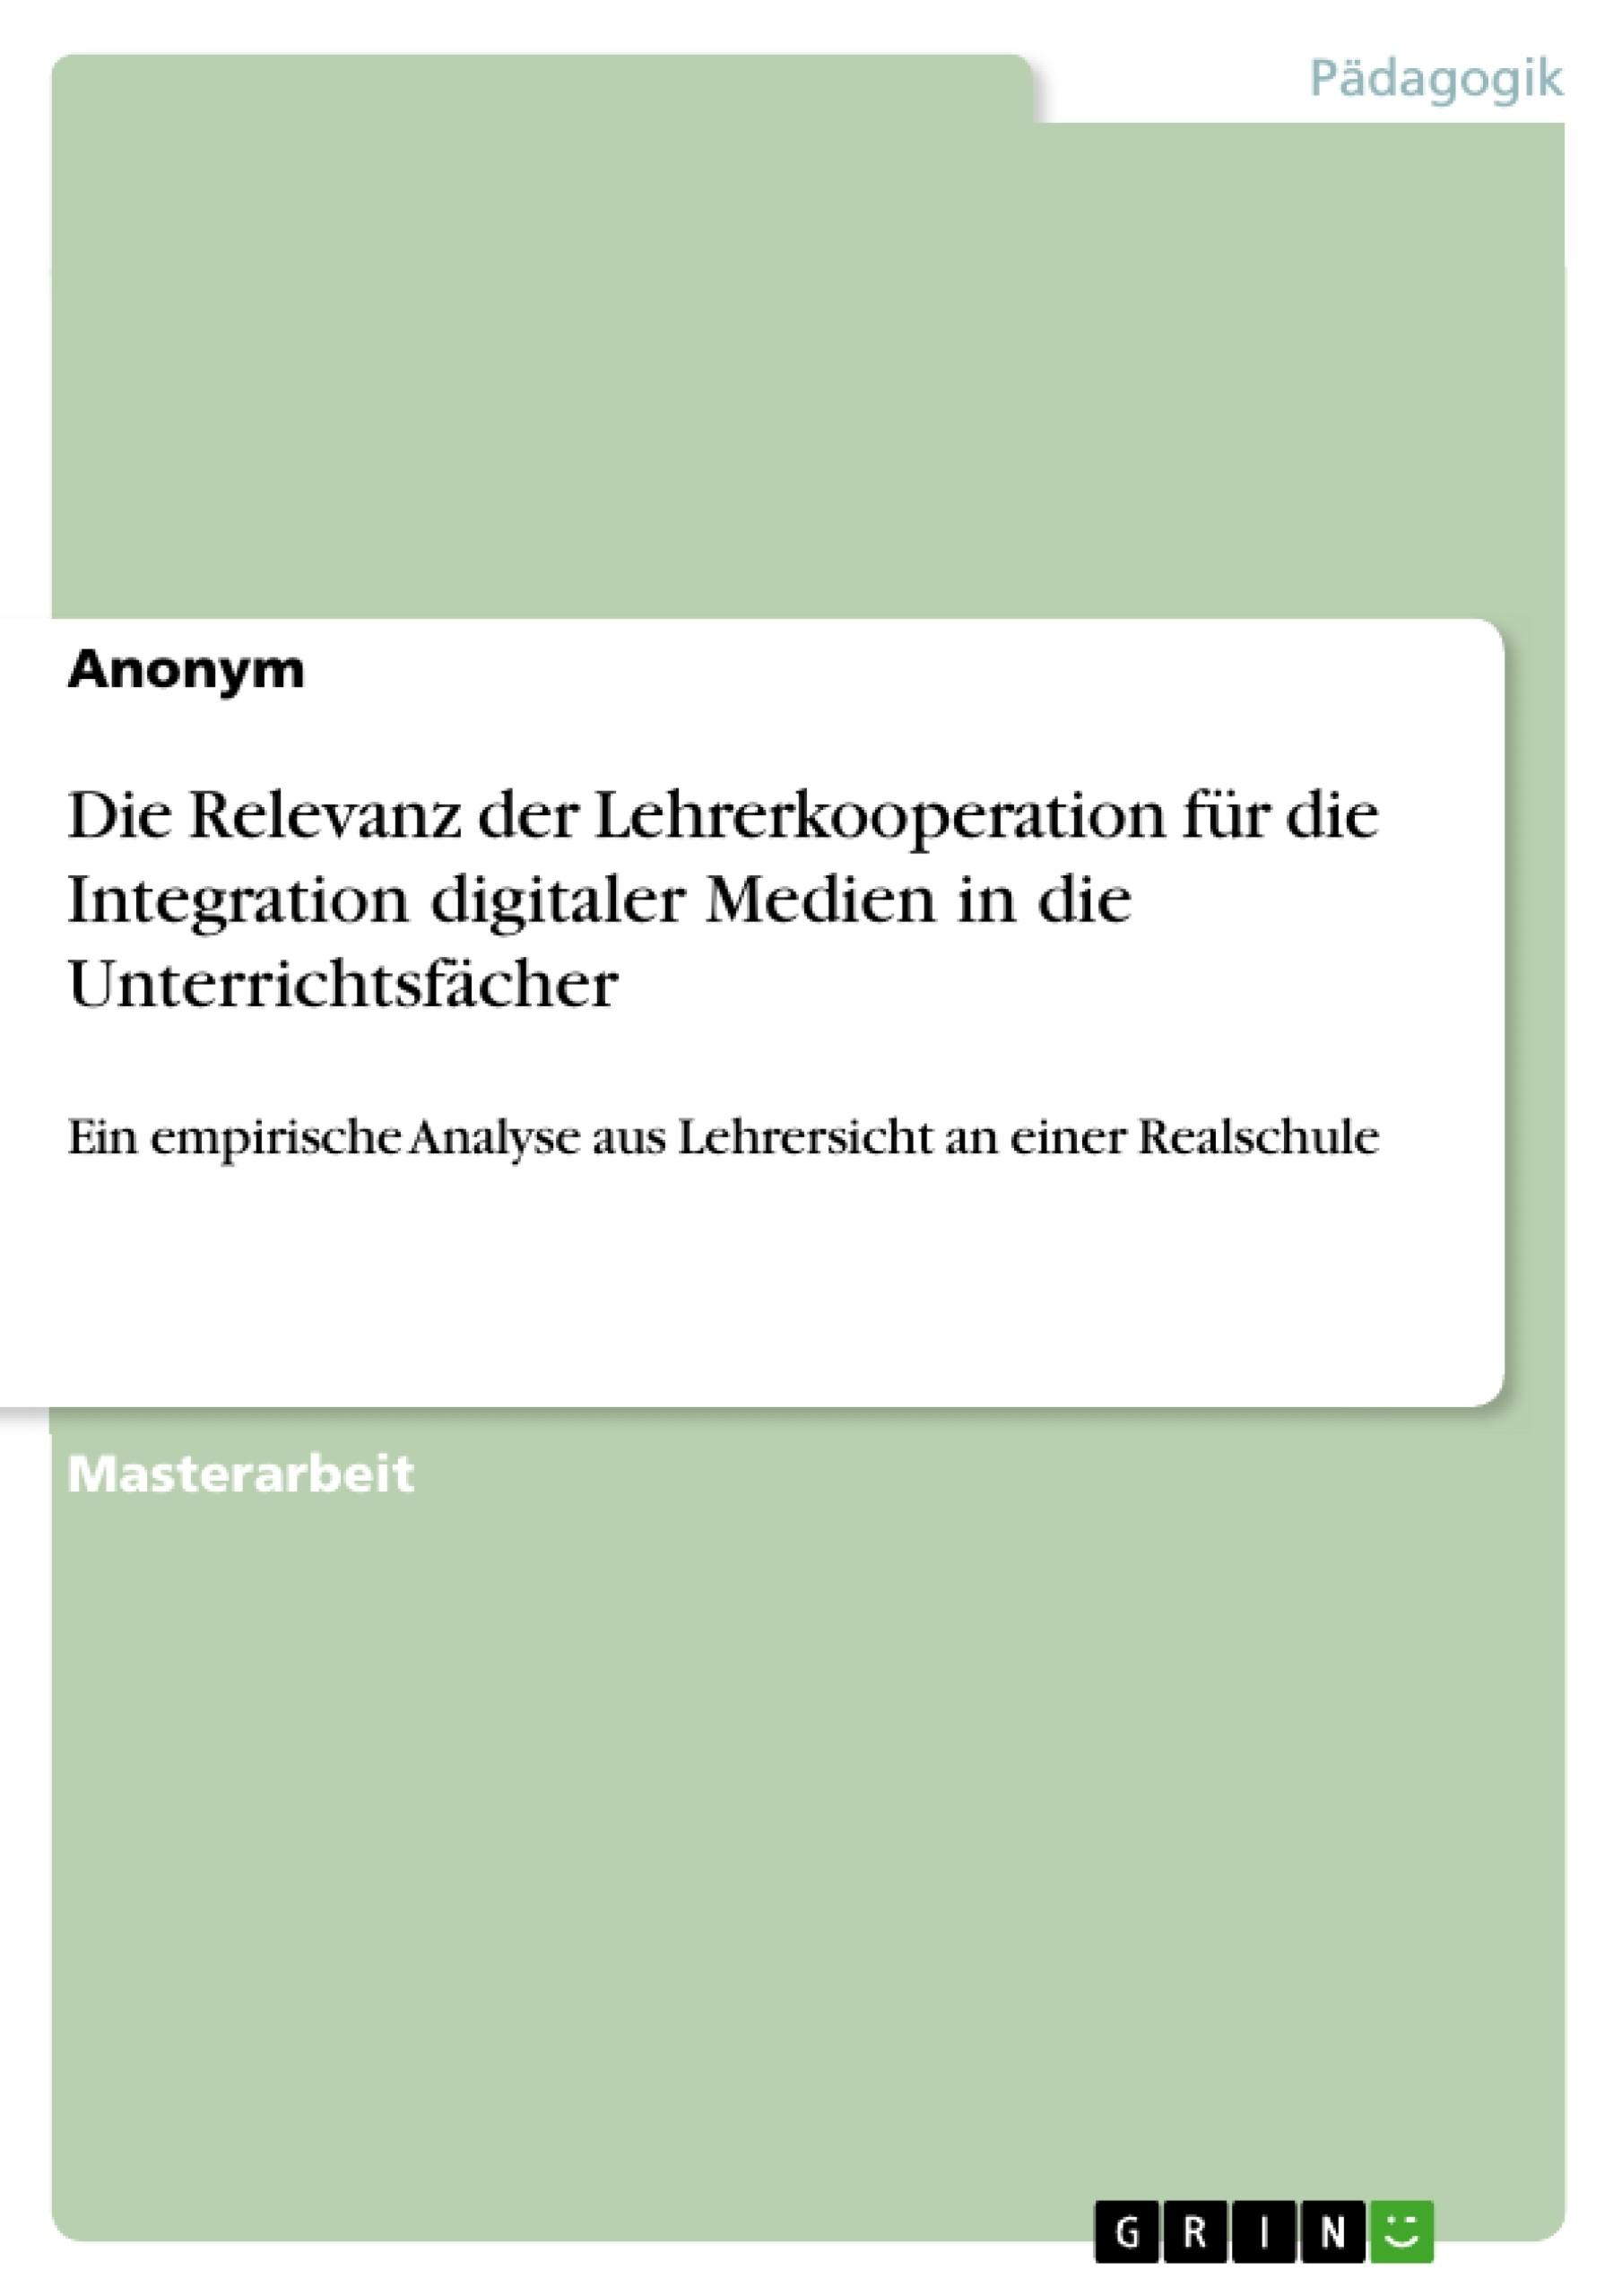 Titel: Die Relevanz der Lehrerkooperation für die Integration digitaler Medien in die Unterrichtsfächer